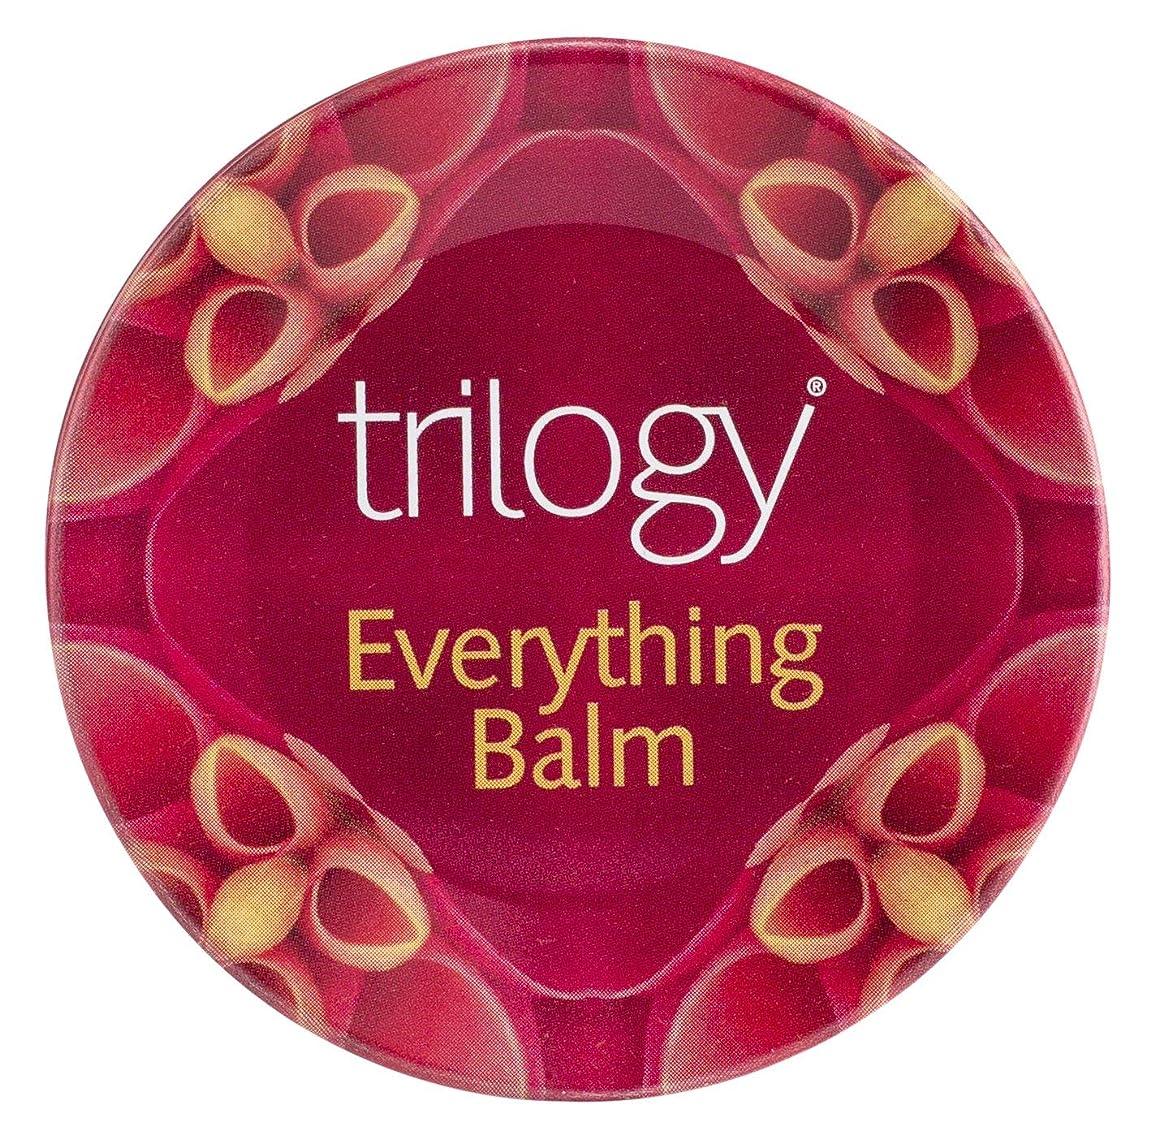 手術春火薬トリロジー(trilogy) エブリシング バーム 〈全身用バーム〉 (45mL)